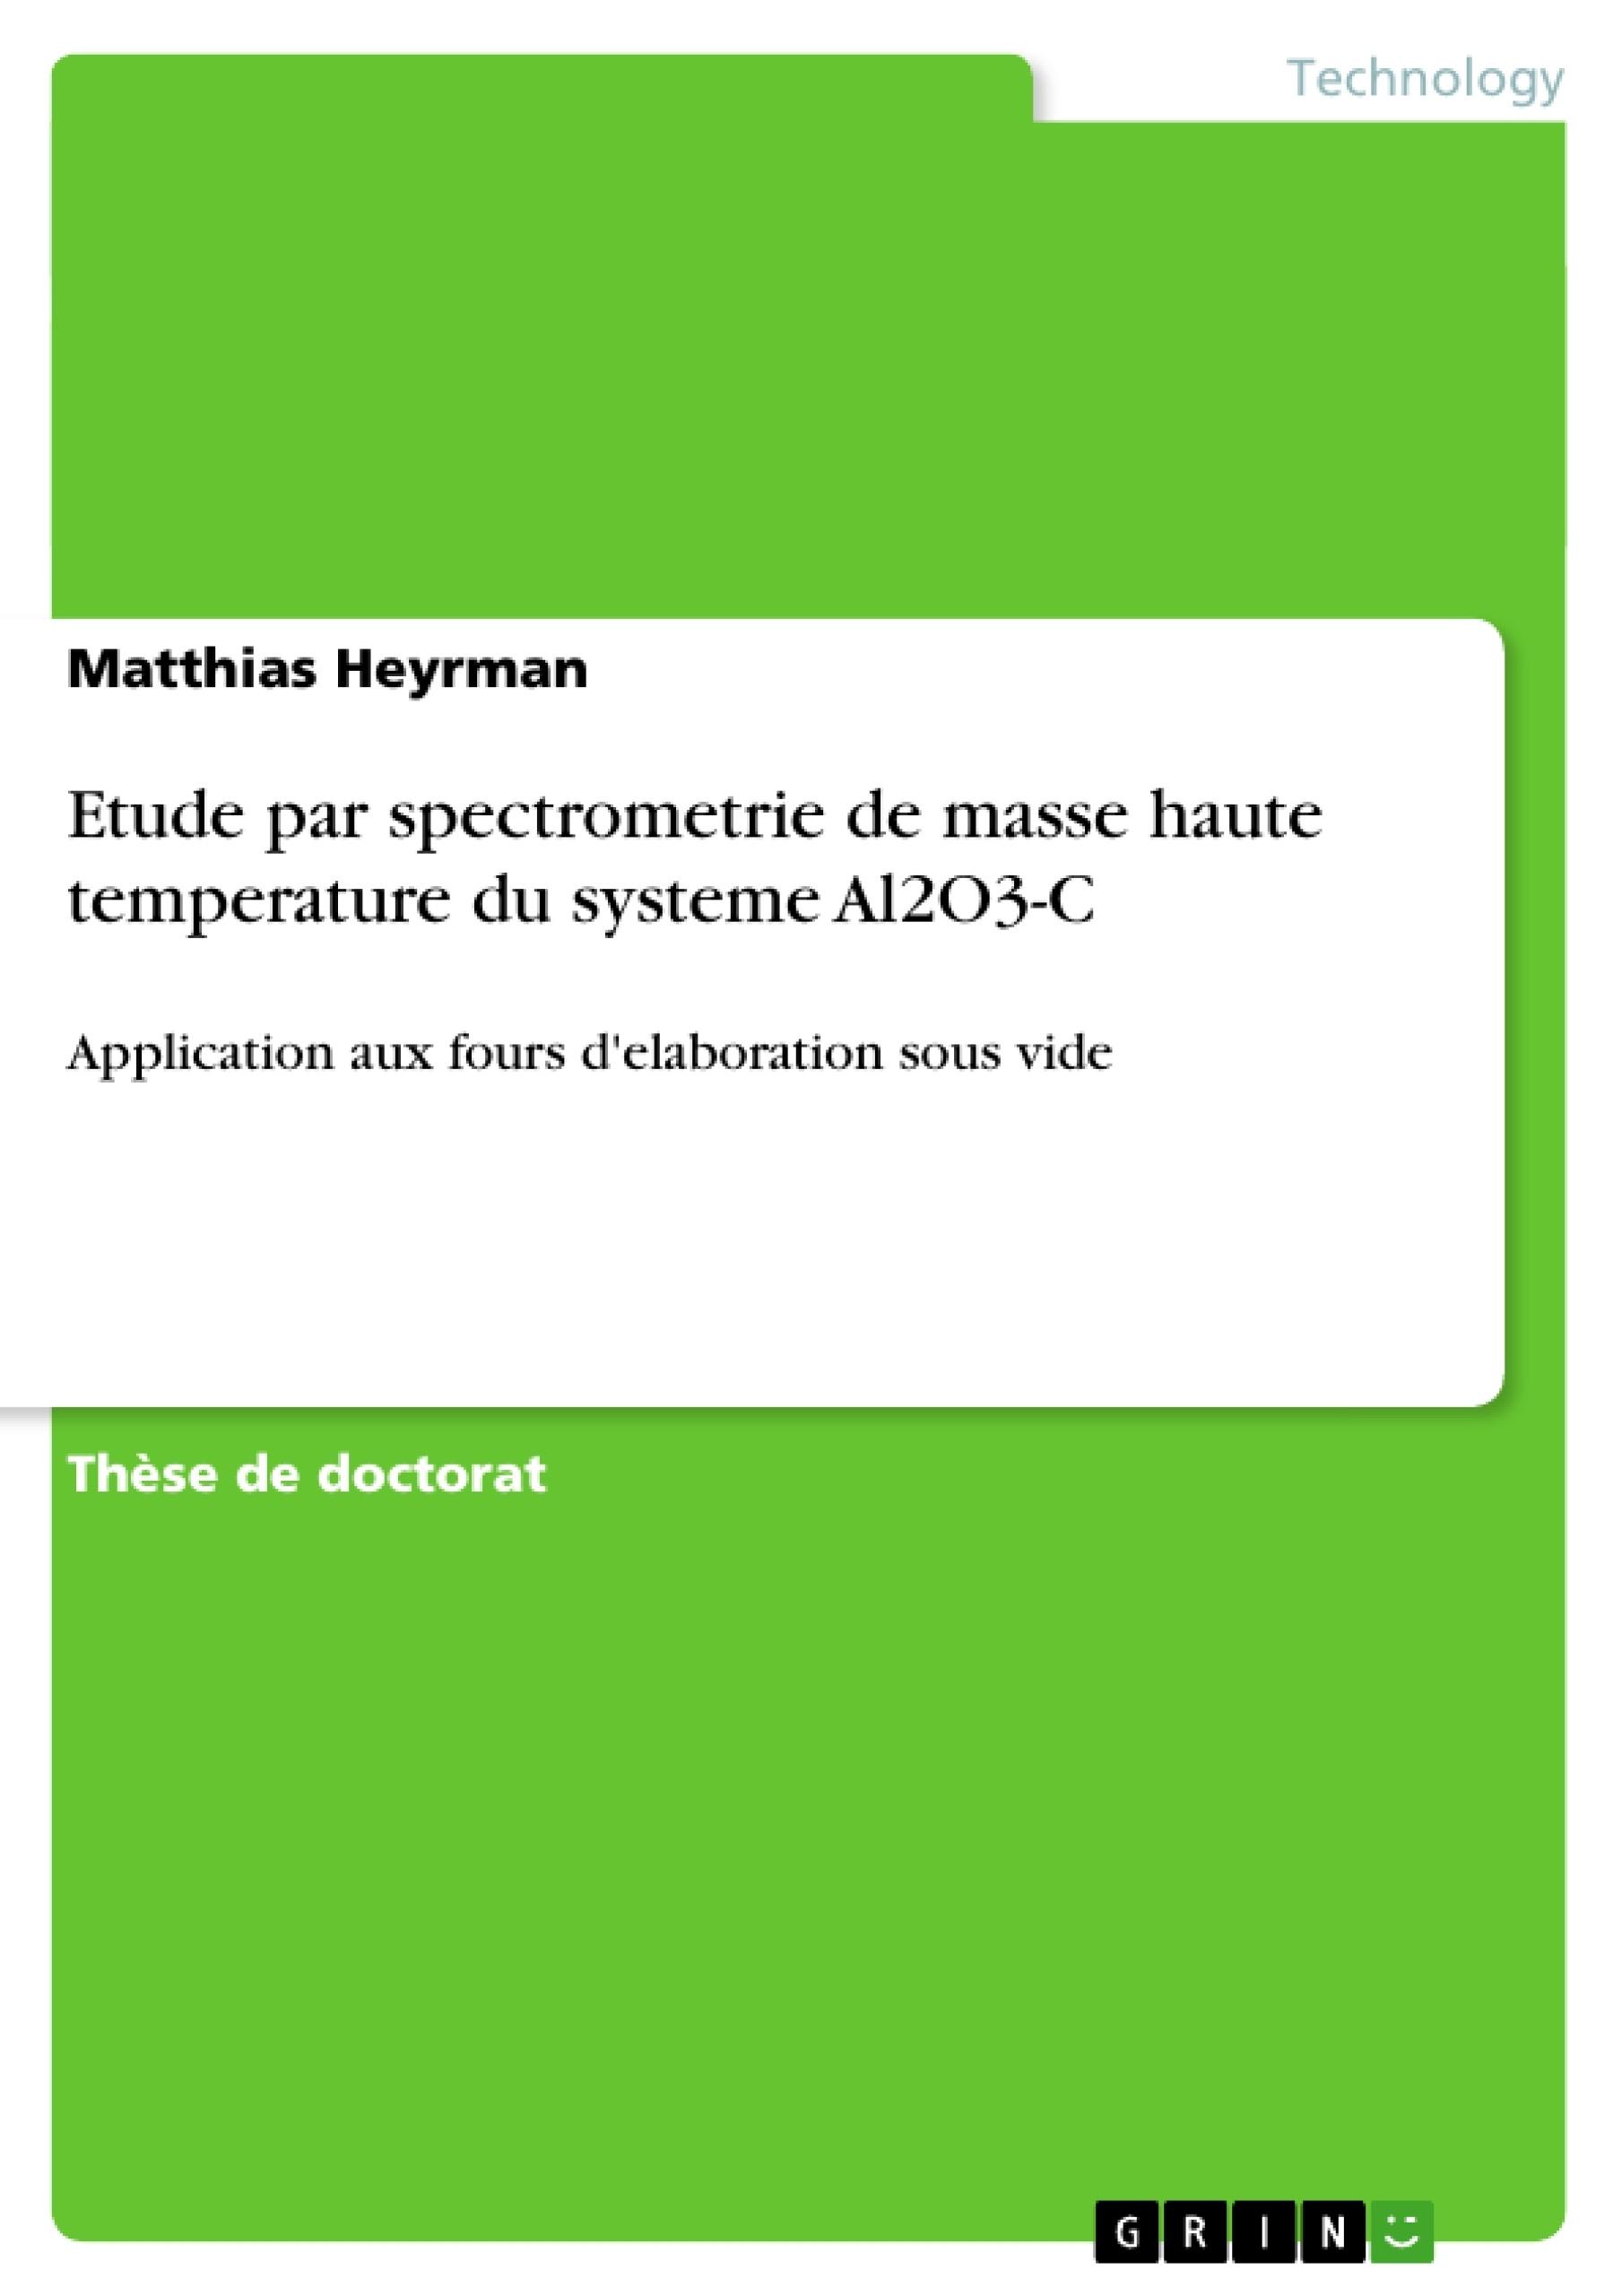 Titre: Etude par spectrometrie de masse haute temperature du systeme Al2O3-C